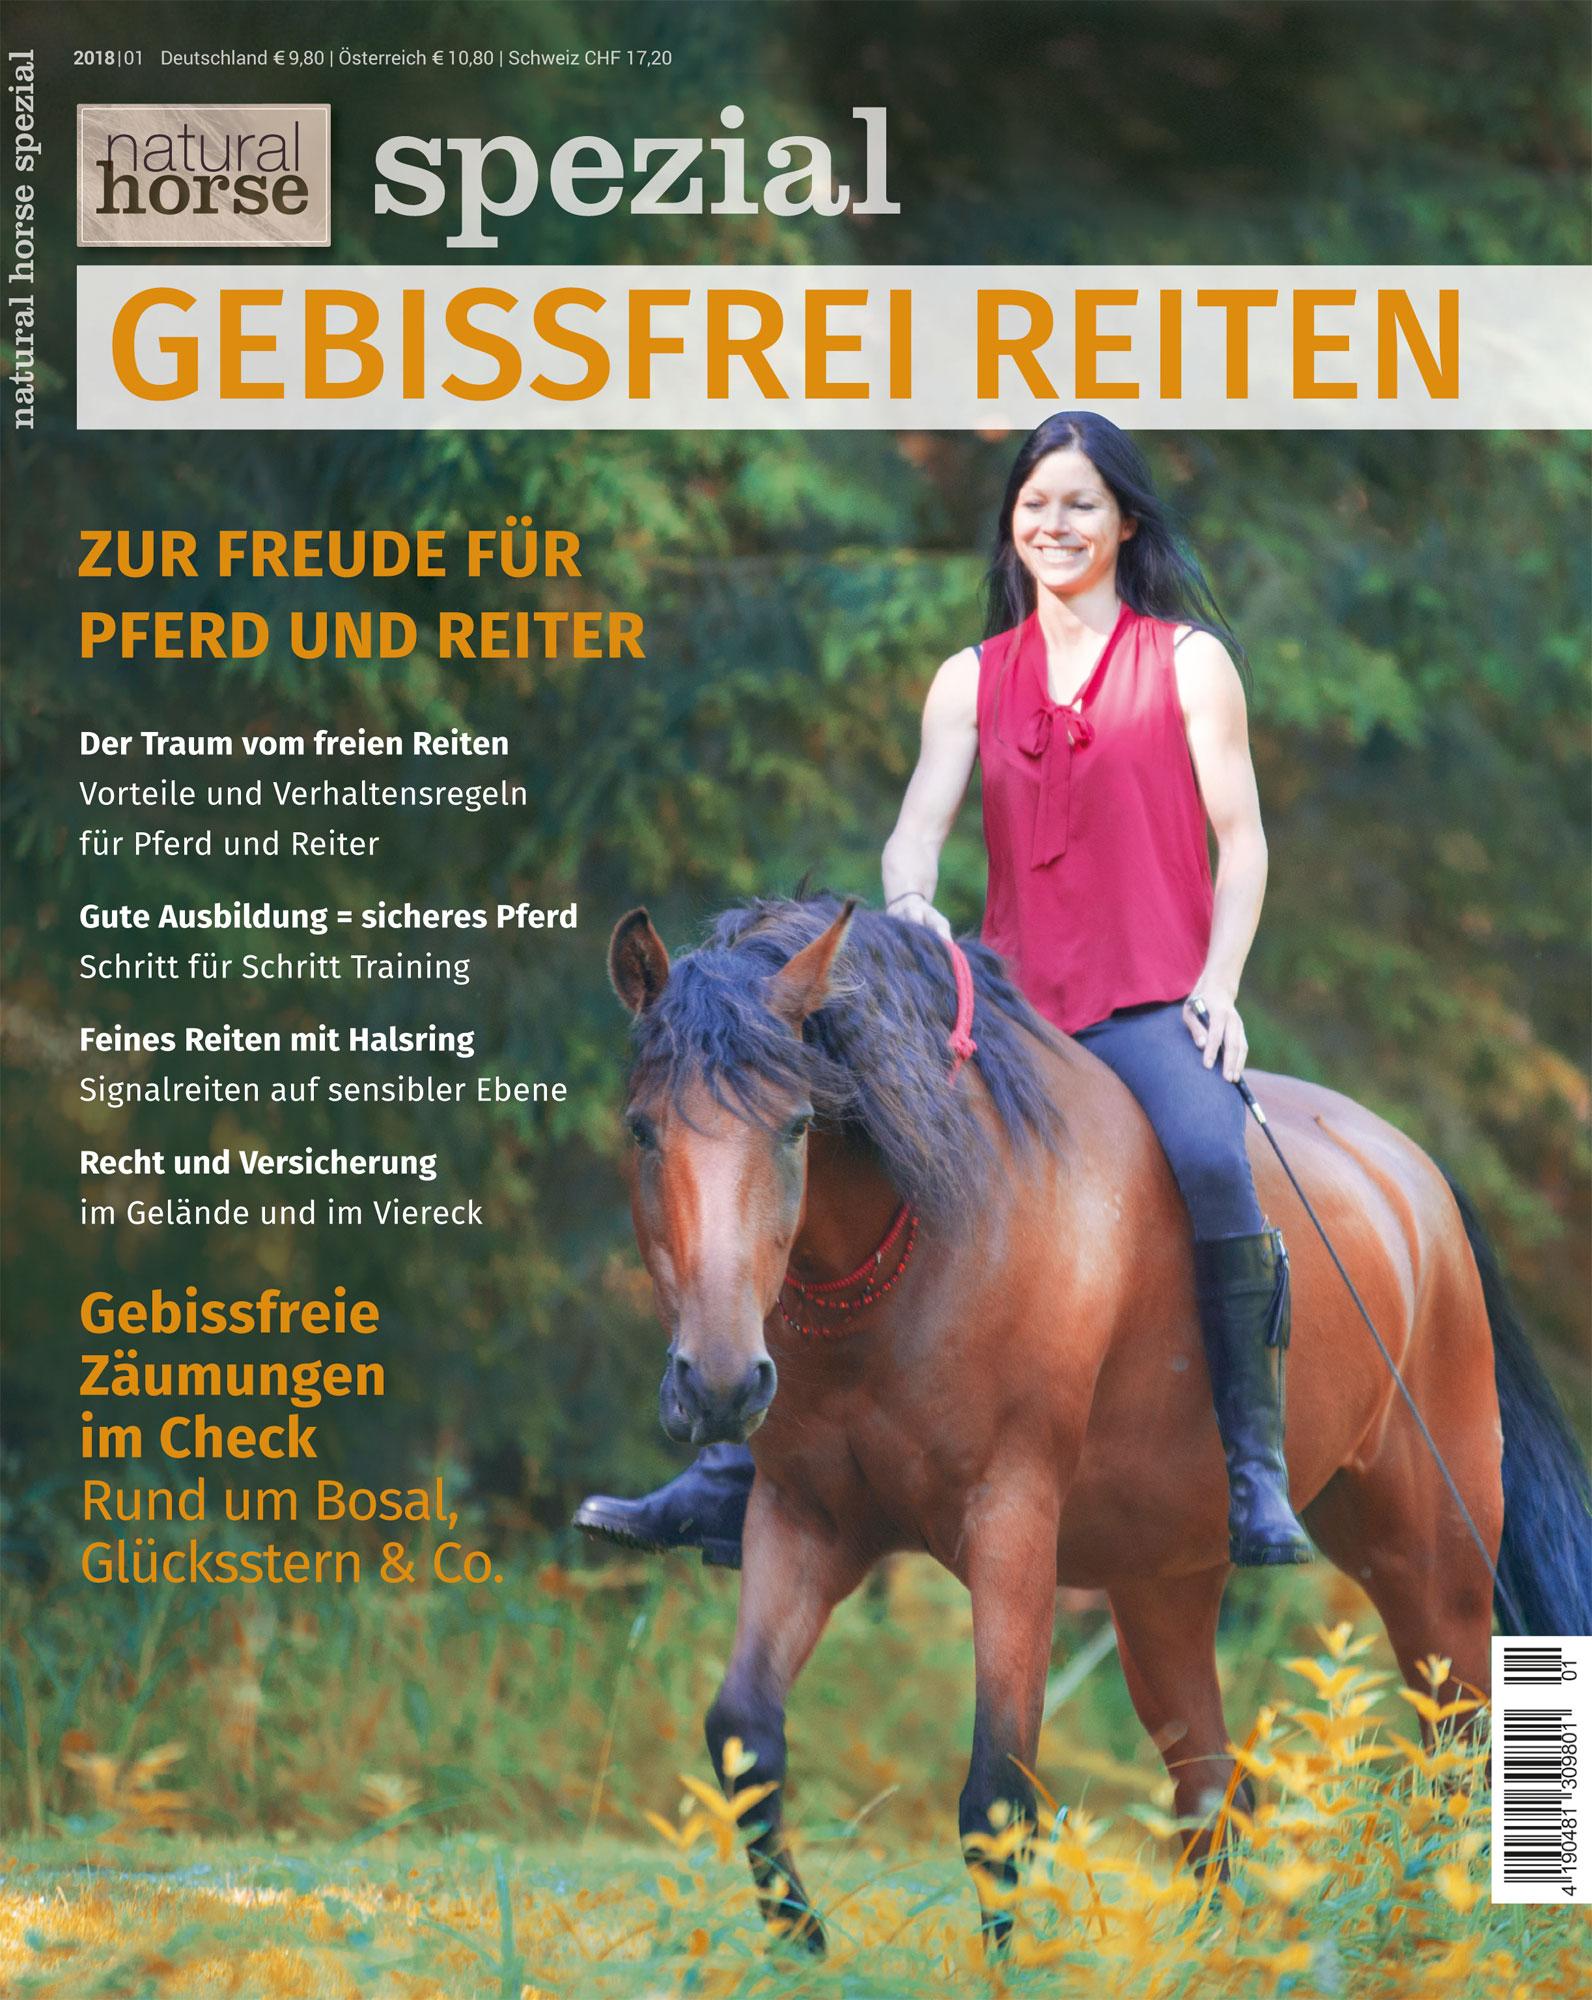 Natural Horse 21 Spezial Gebissfrei reiten